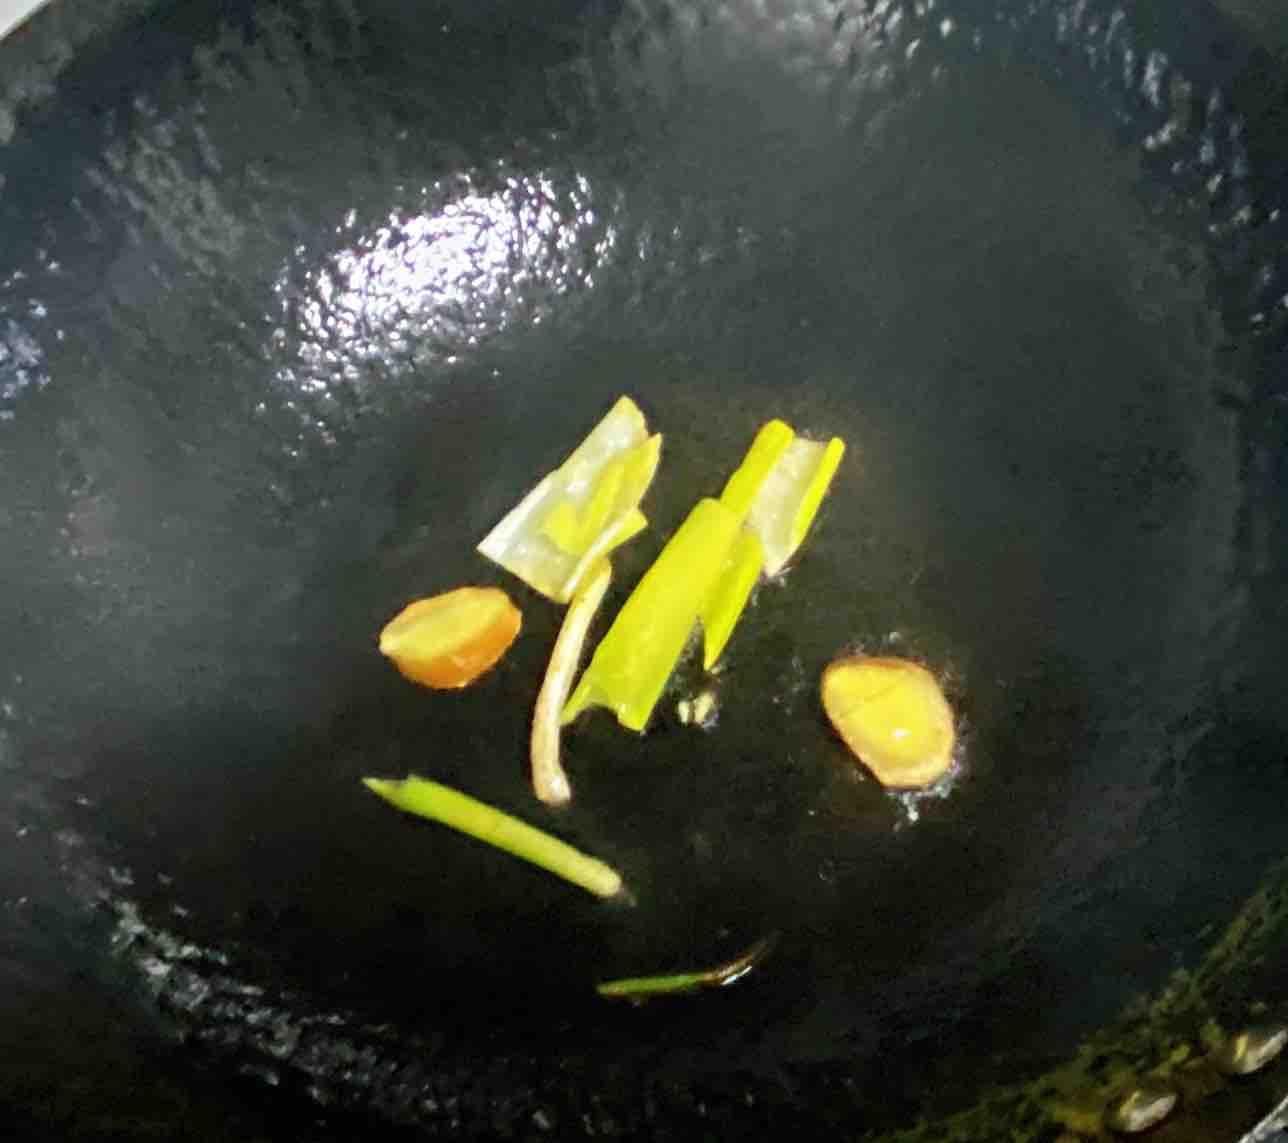 鸡蛋白玉菇焖丝瓜,清淡又鲜香,简单却营养~怎么炒